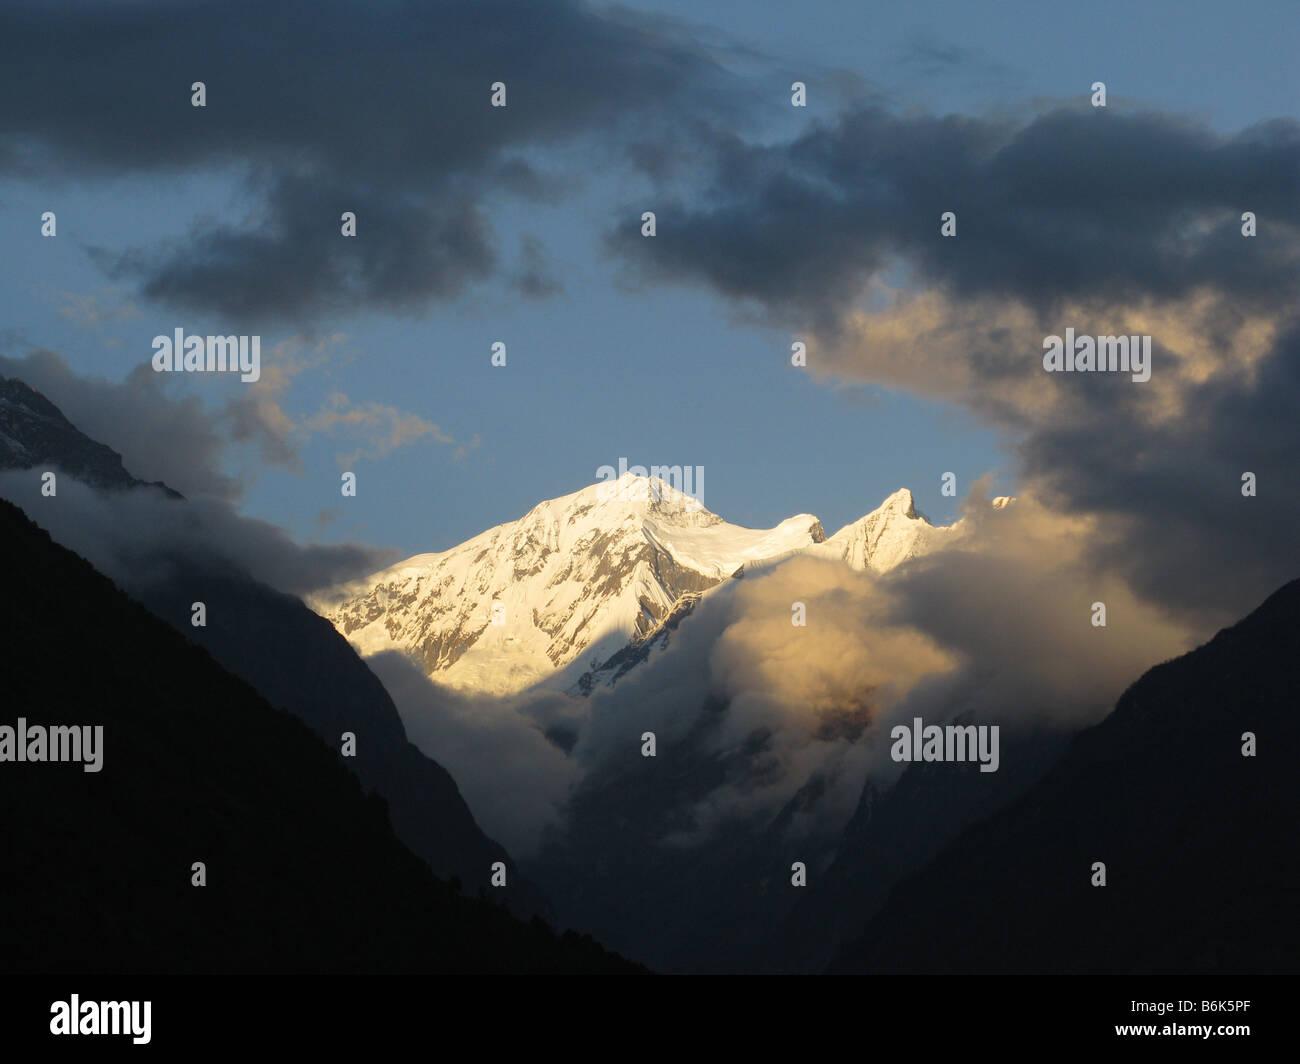 Annapurna 3 and Gandharba Chuli at dusk seen from Chhomrong, Annapurna foothills, Gandaki, Himalayas, Nepal, central - Stock Image